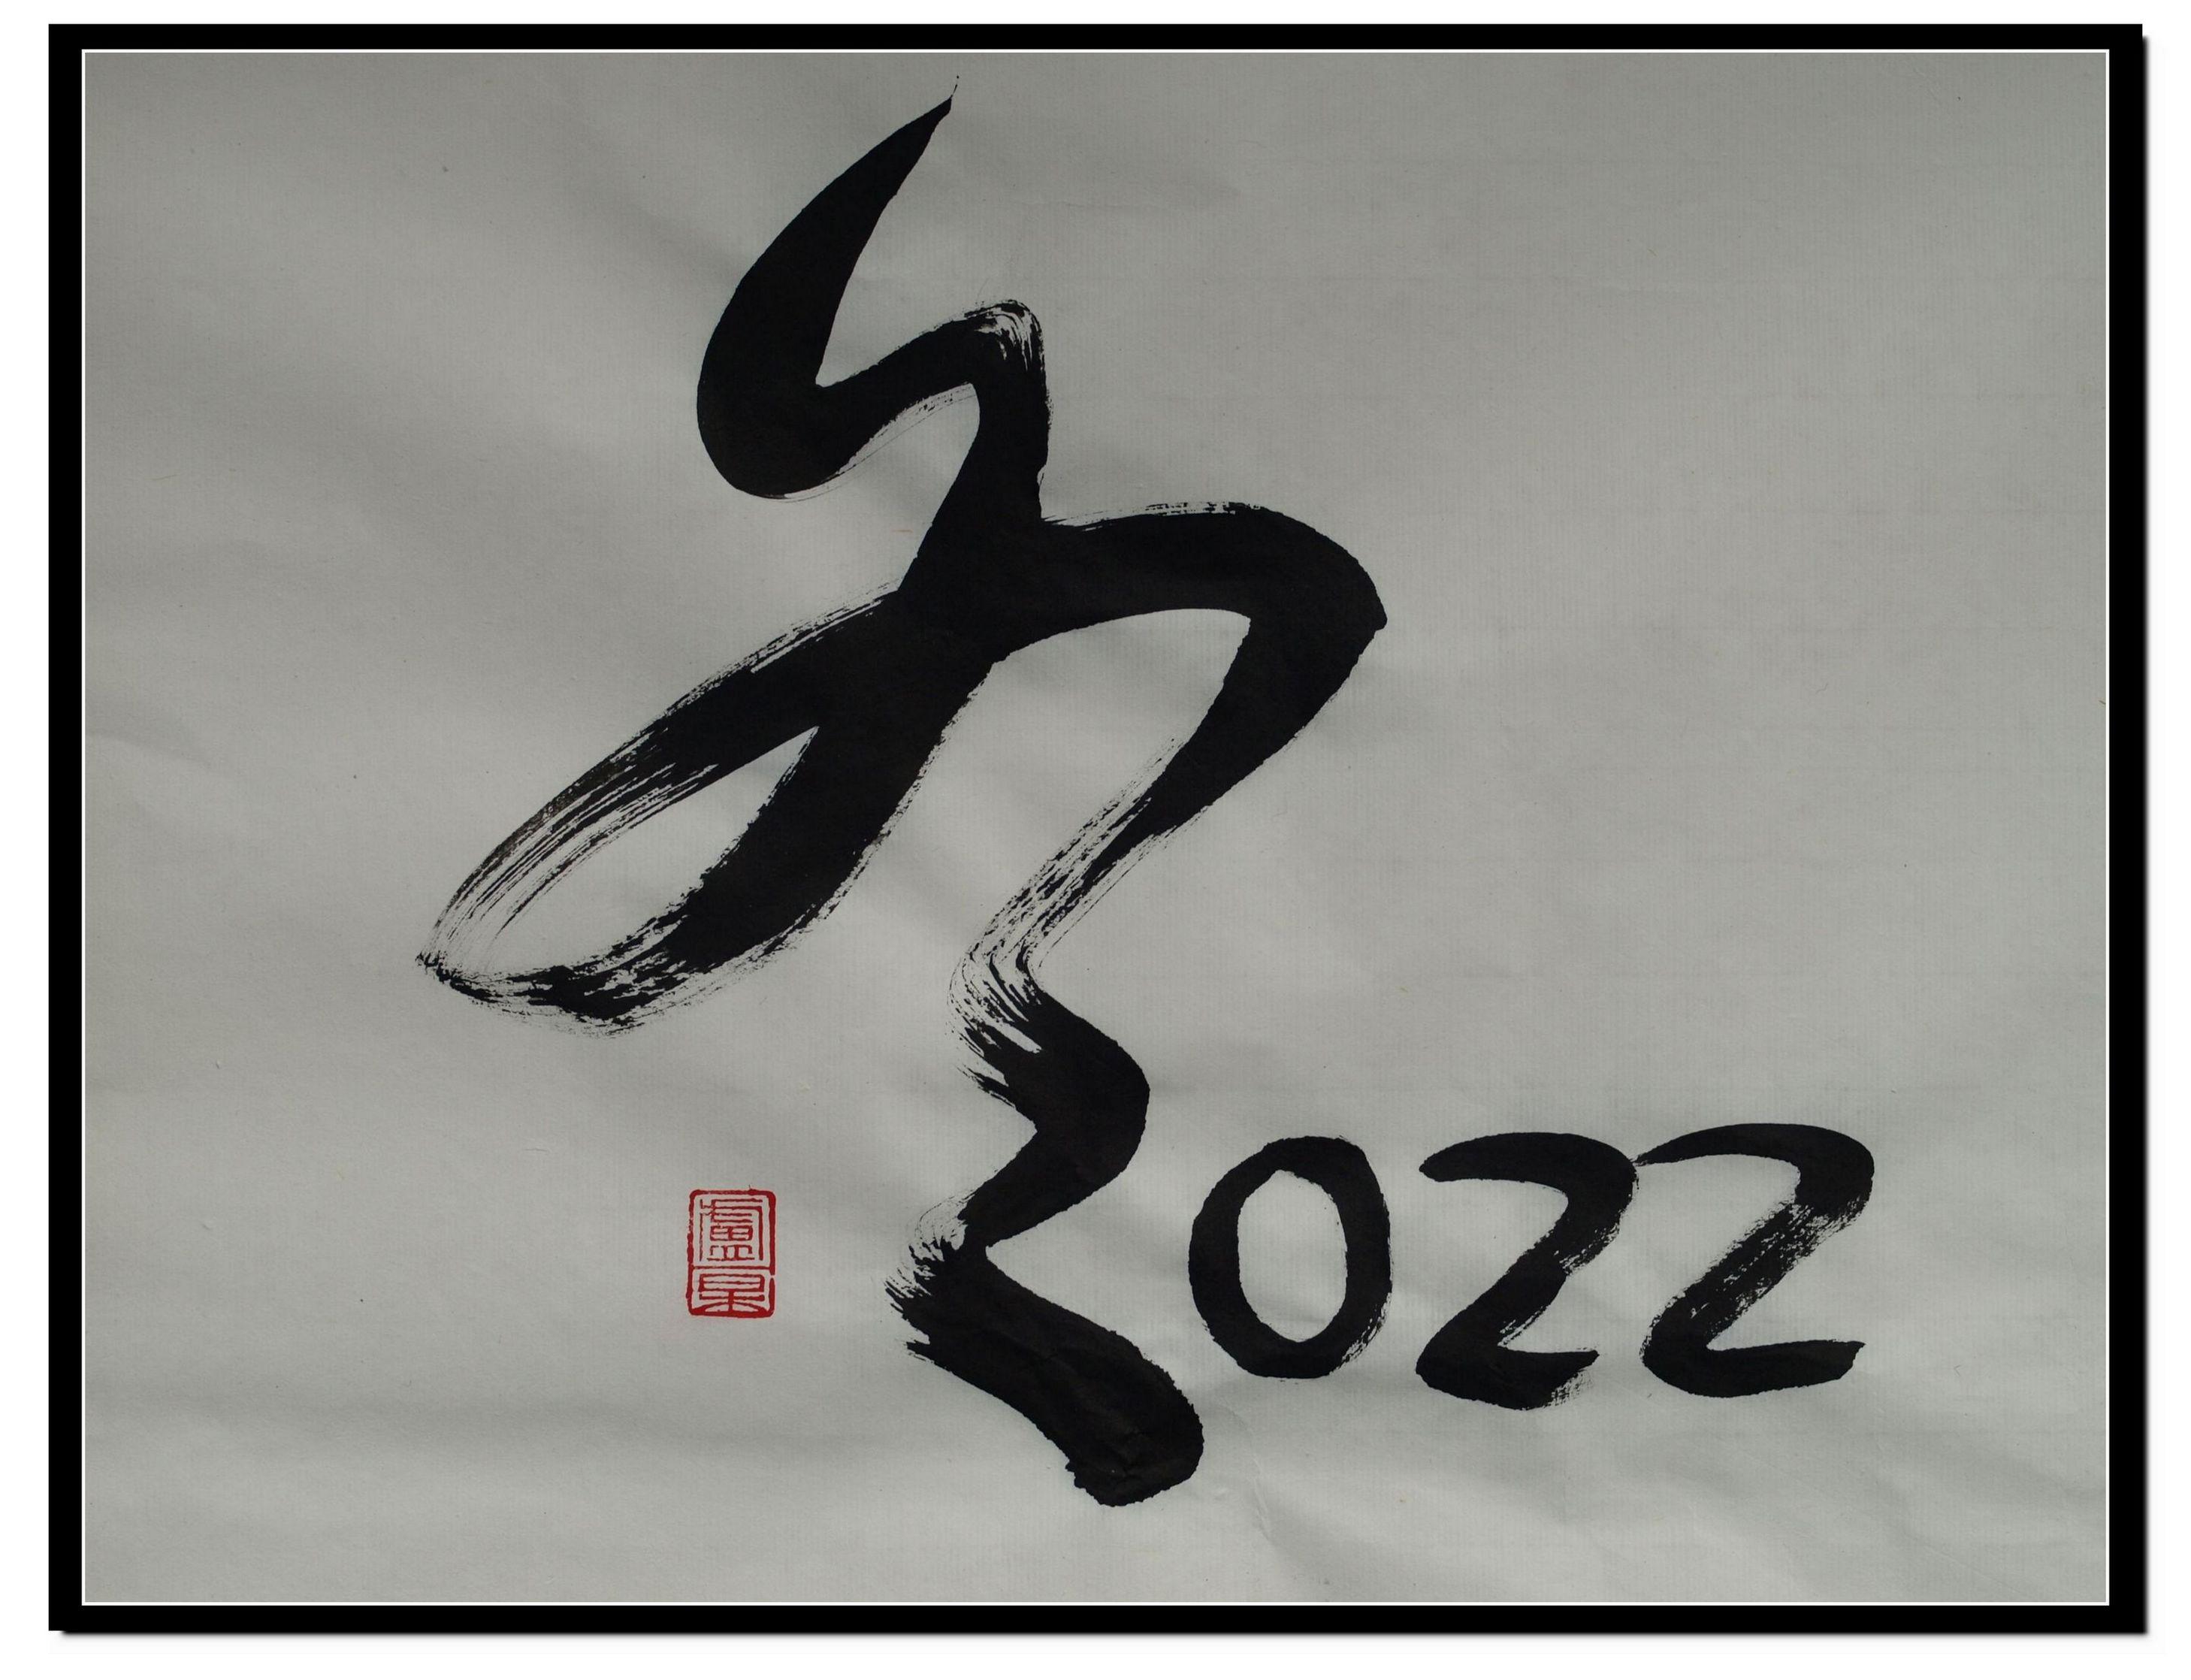 书法绘画 2022年北京冬季奥林匹克运动会和2008年北京夏季奥运会卢